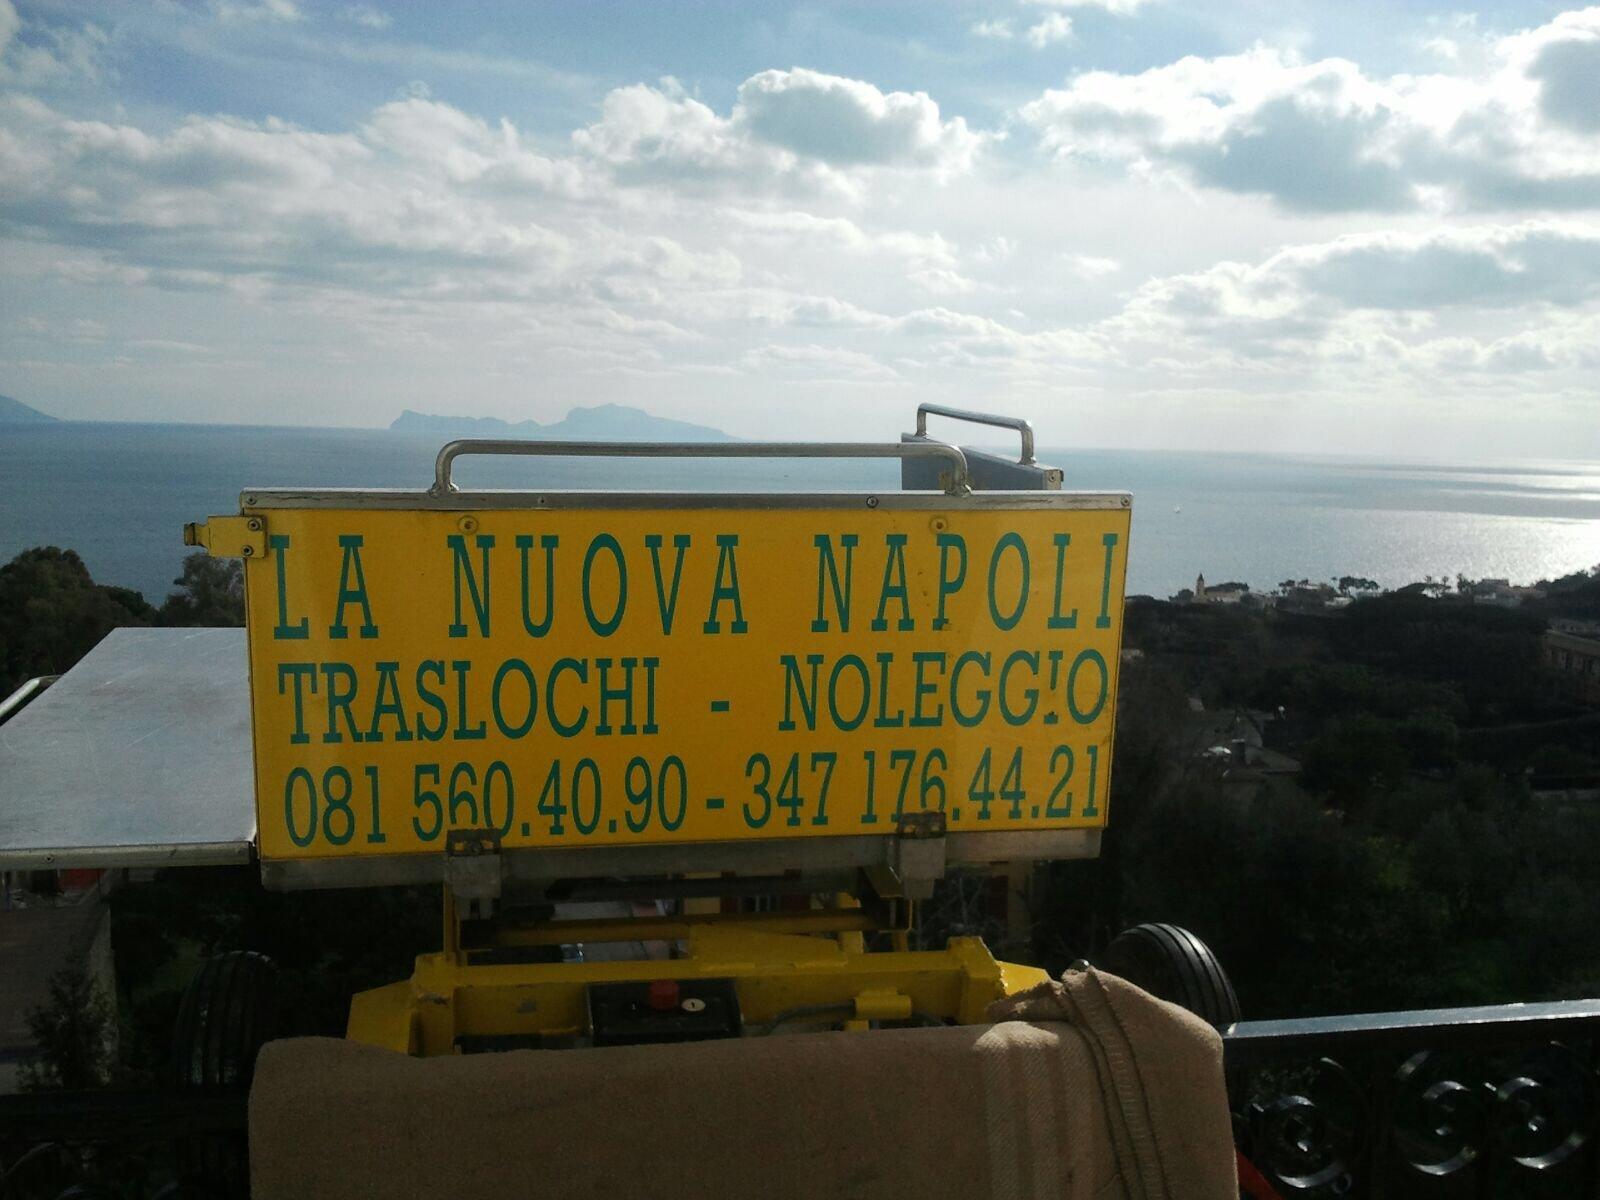 Traslochi sicuri a Napoli